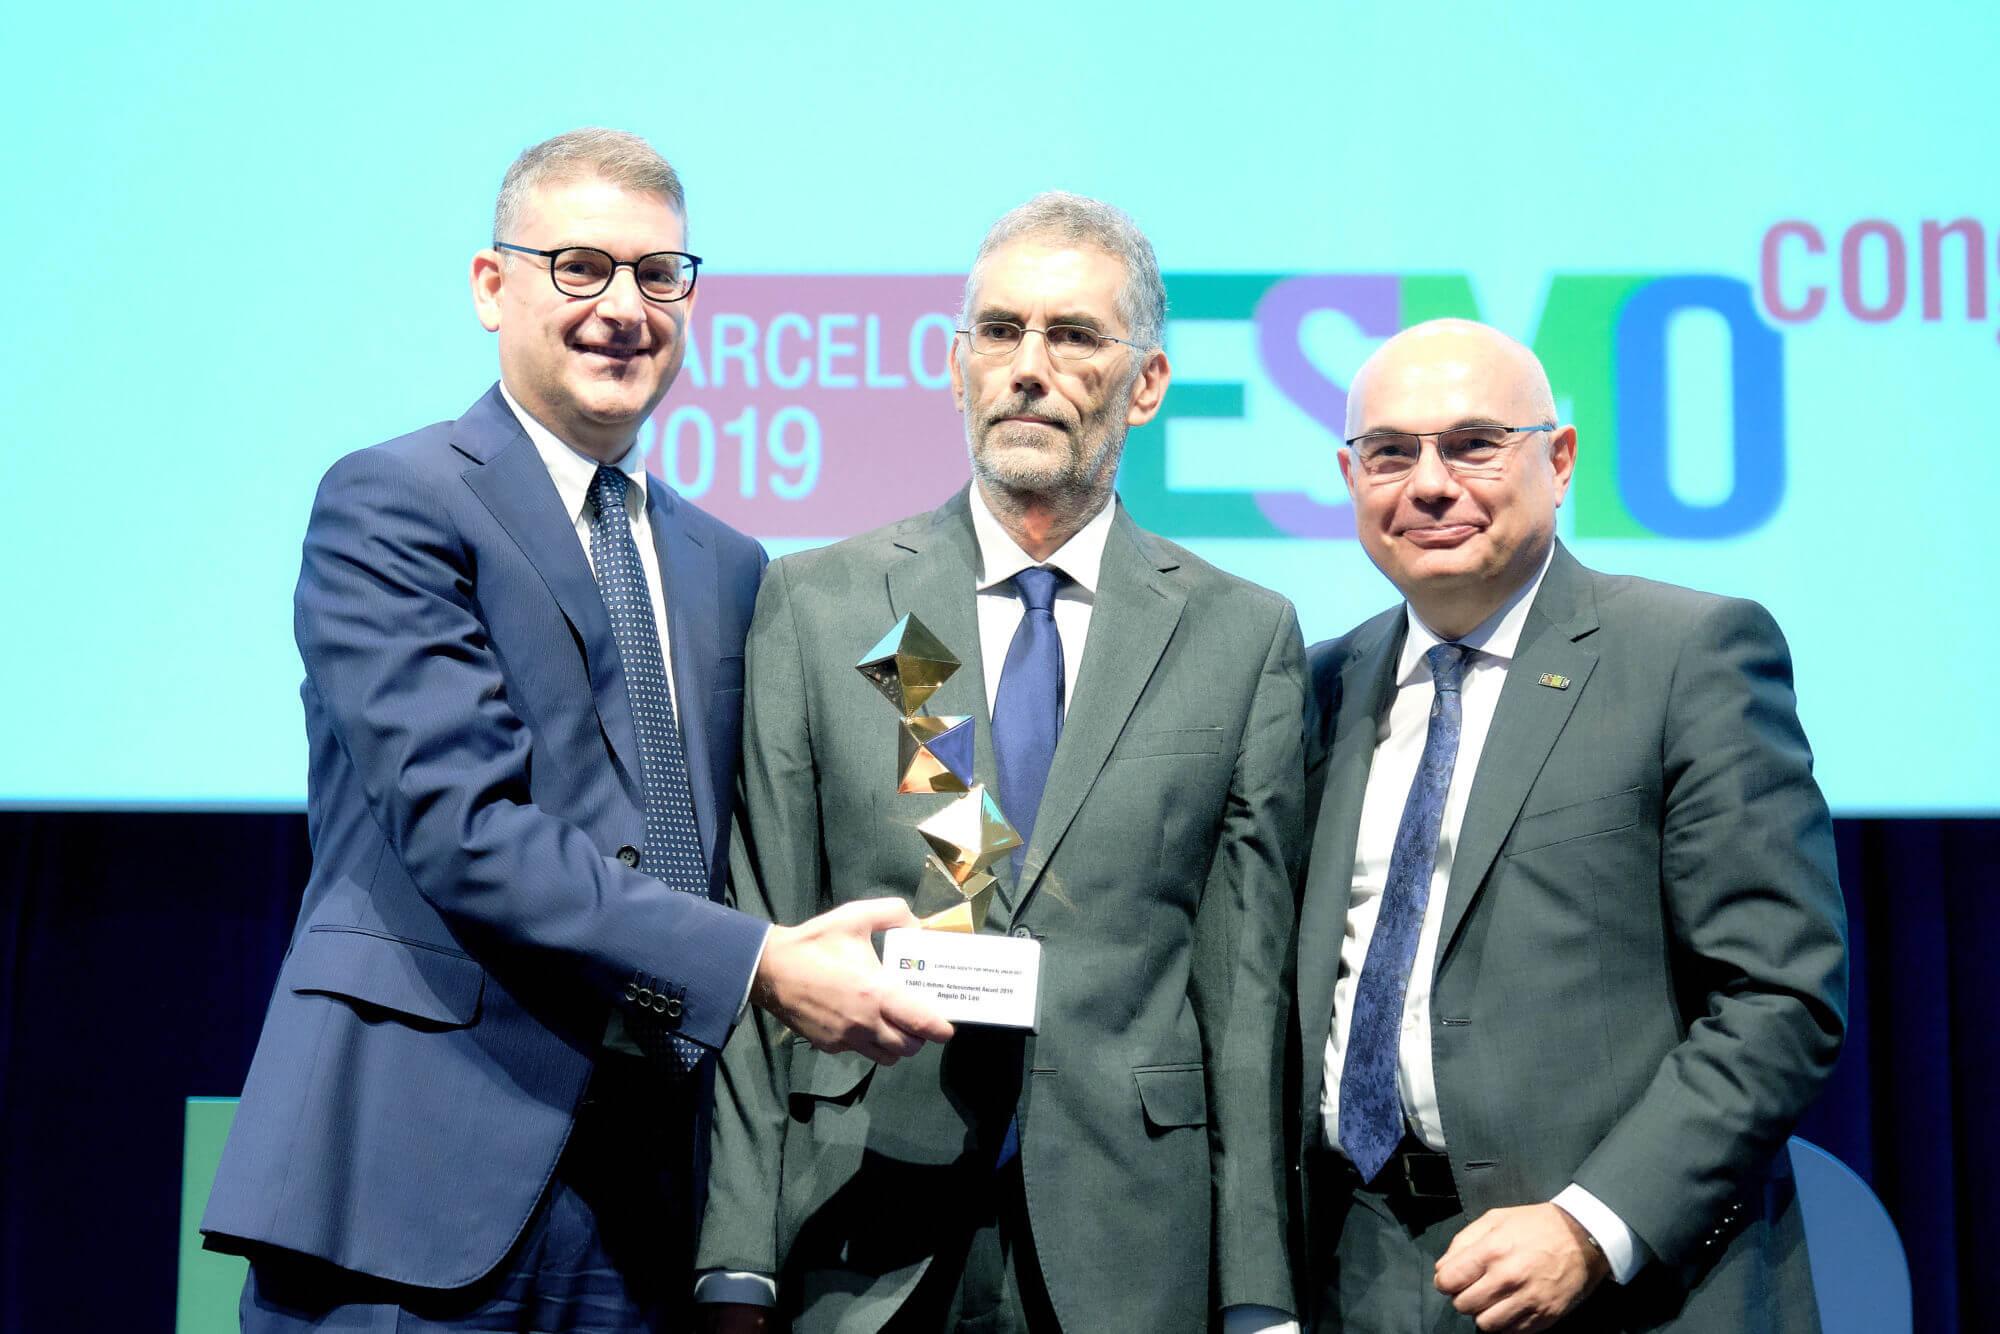 Premio internazionale all'oncologo Di Leo. Le congratulazioni dell'assessore Saccardi